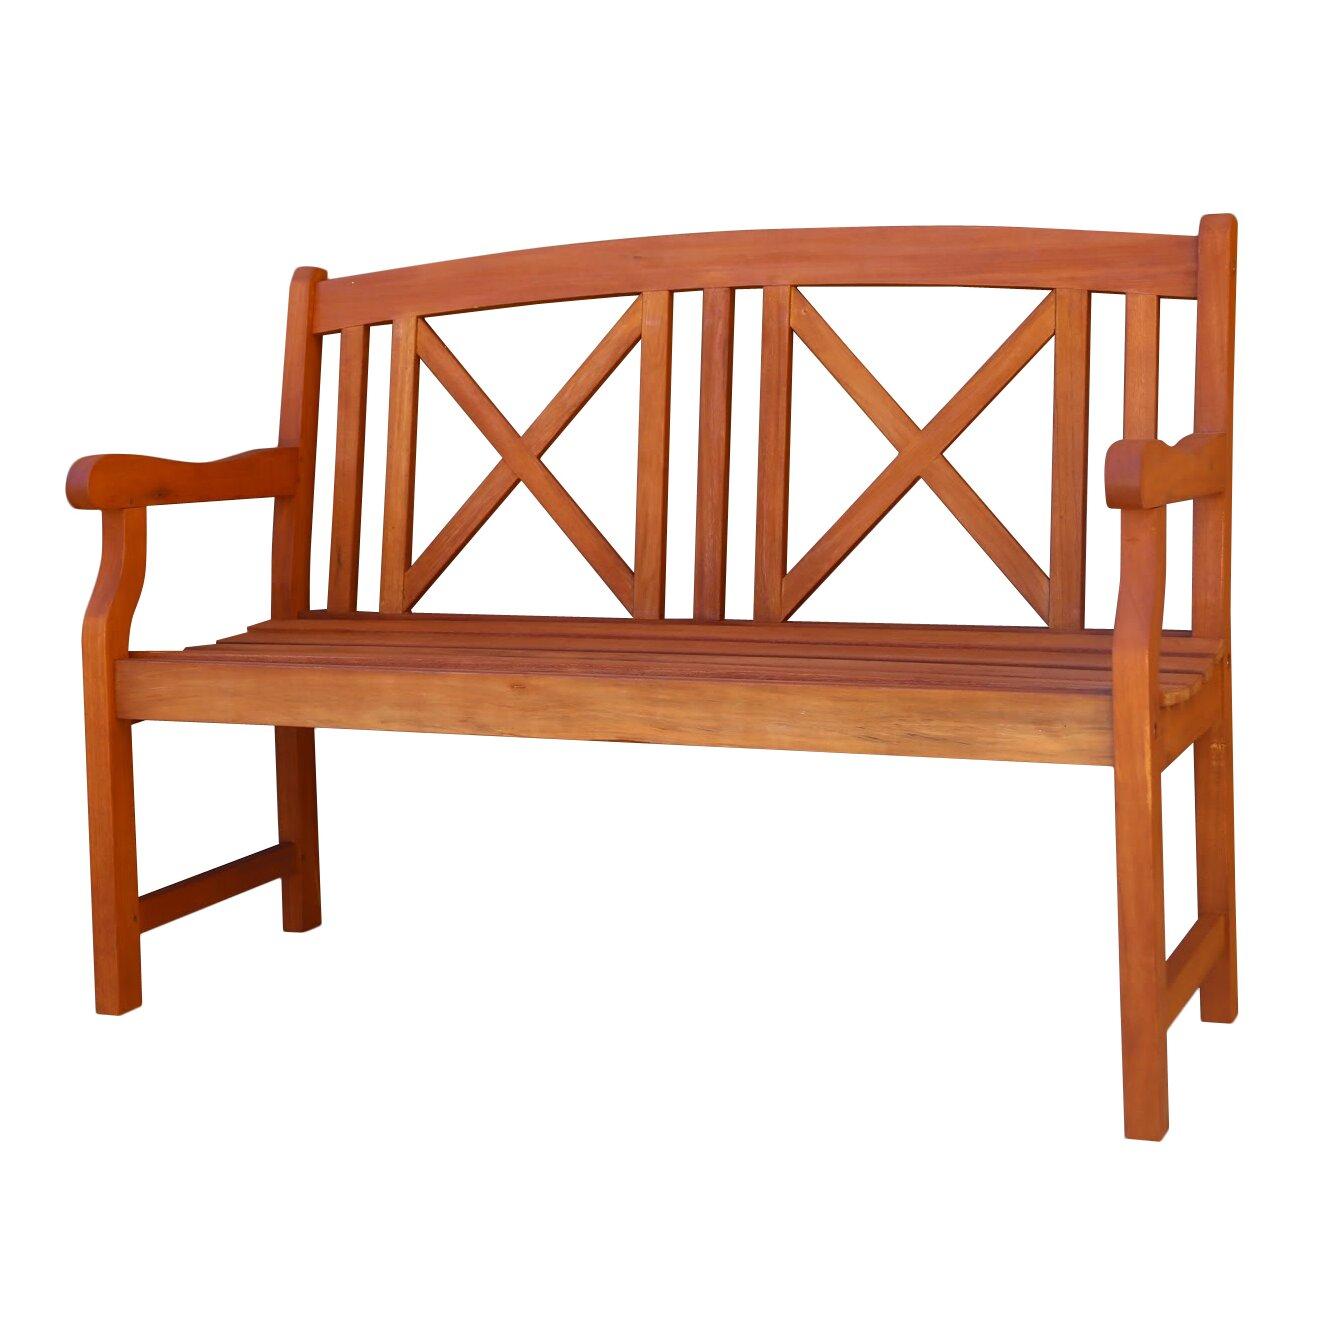 Contemporary Outdoor Benches: Vifah Contemporary Outdoor Wood Garden Bench & Reviews